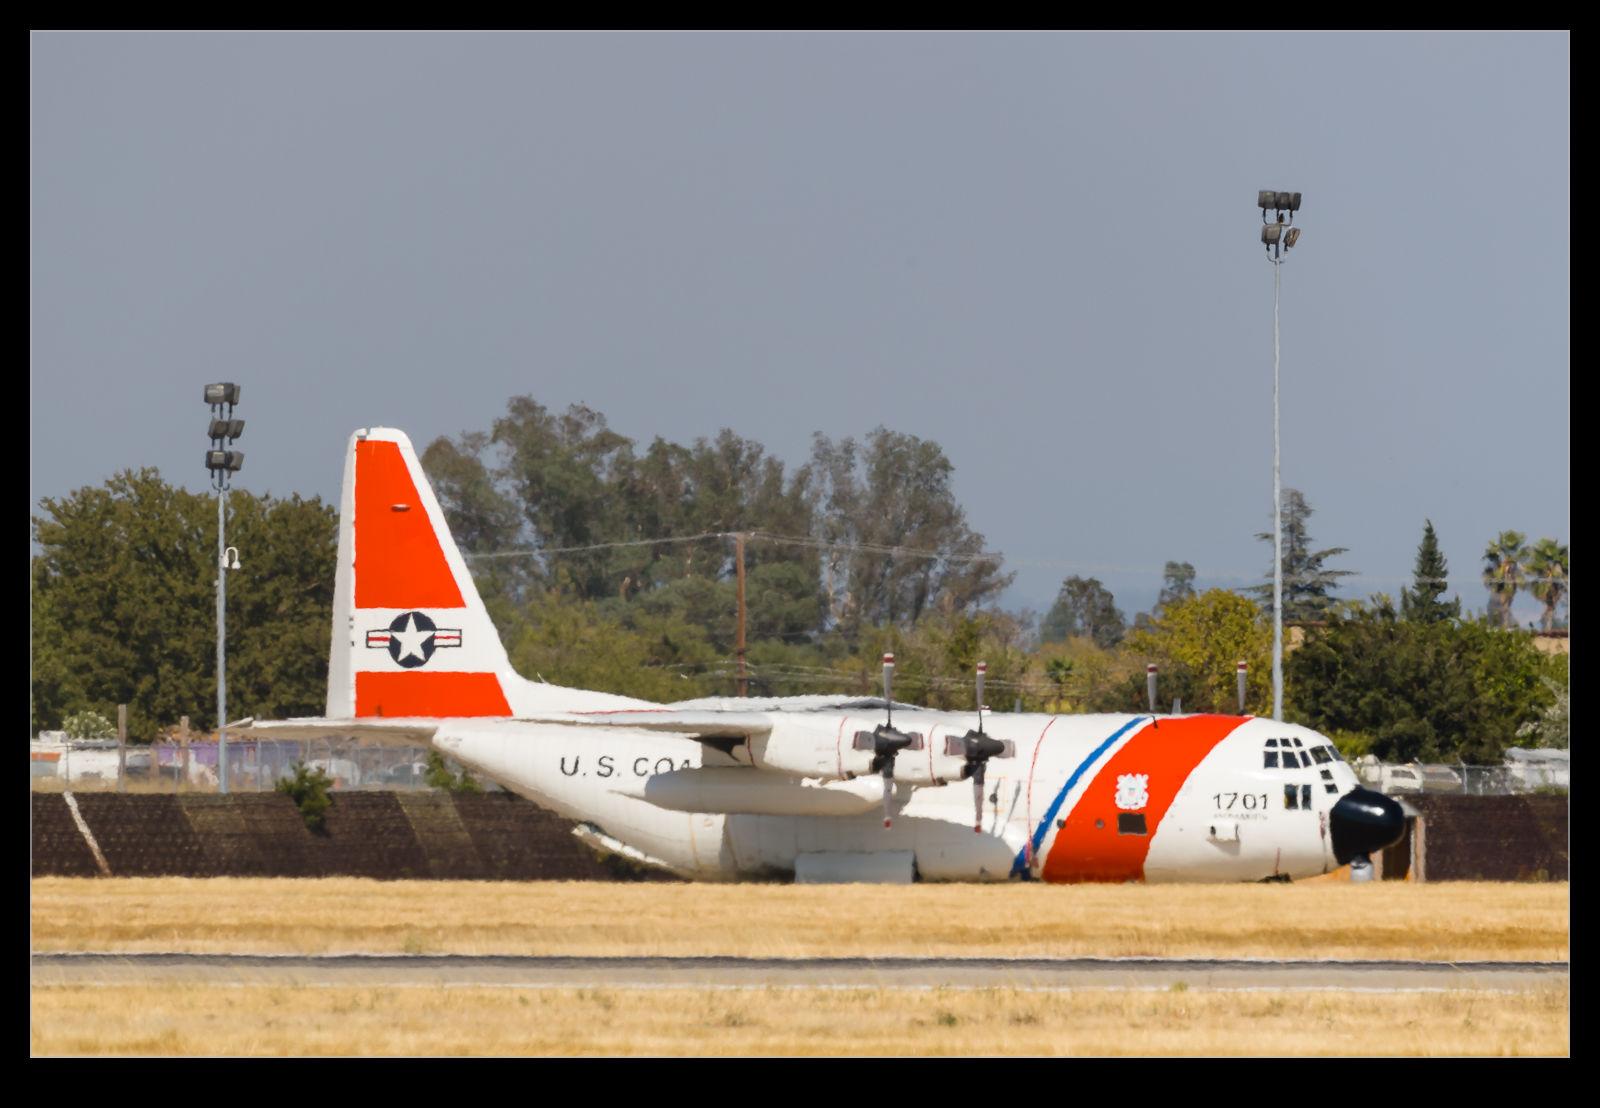 AE7I7954.jpg